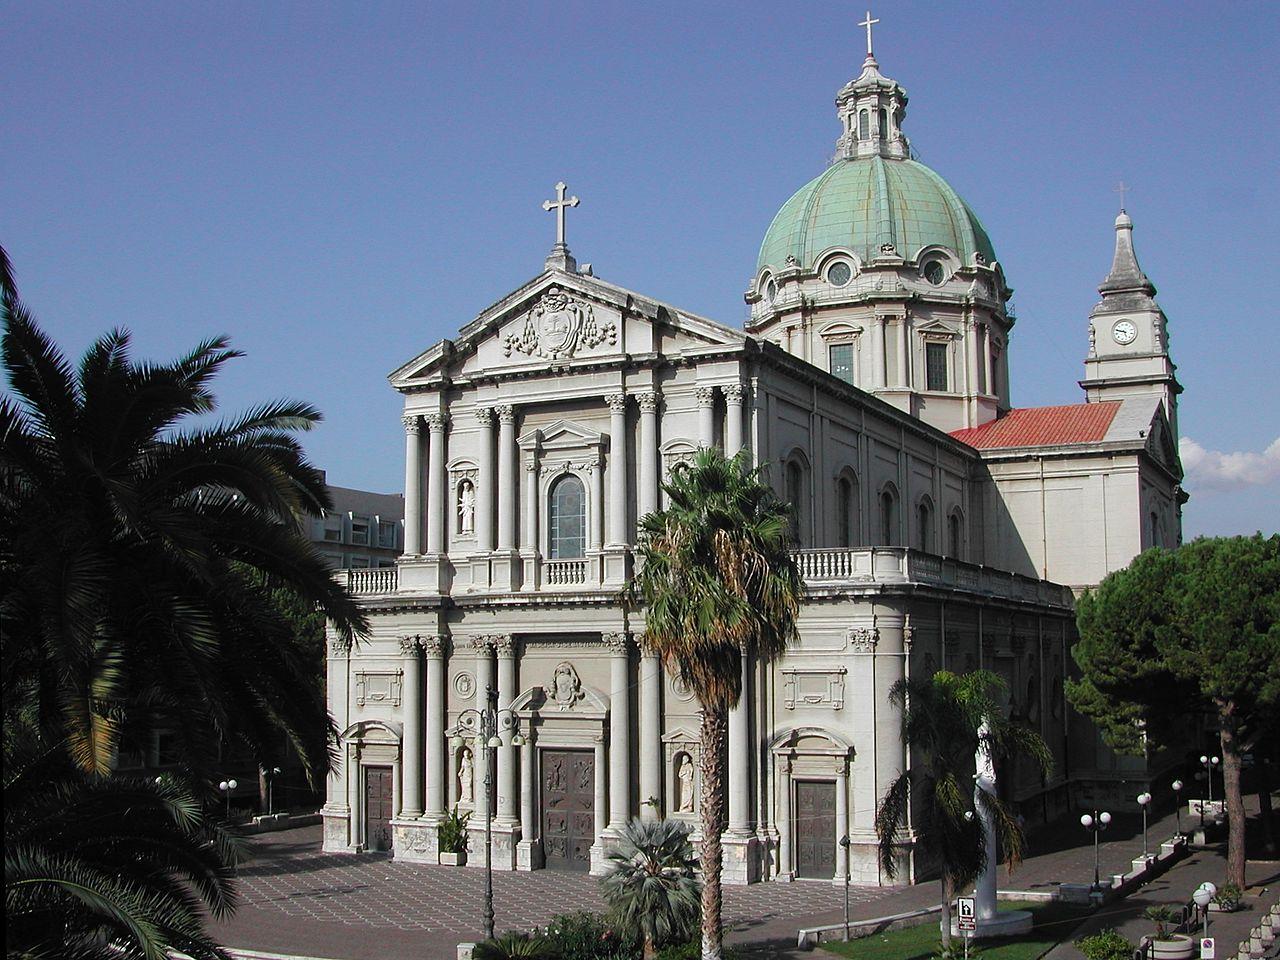 1280px-Barcellona_Pozzo_di_Gotto_Basilica_San_Sebastiano